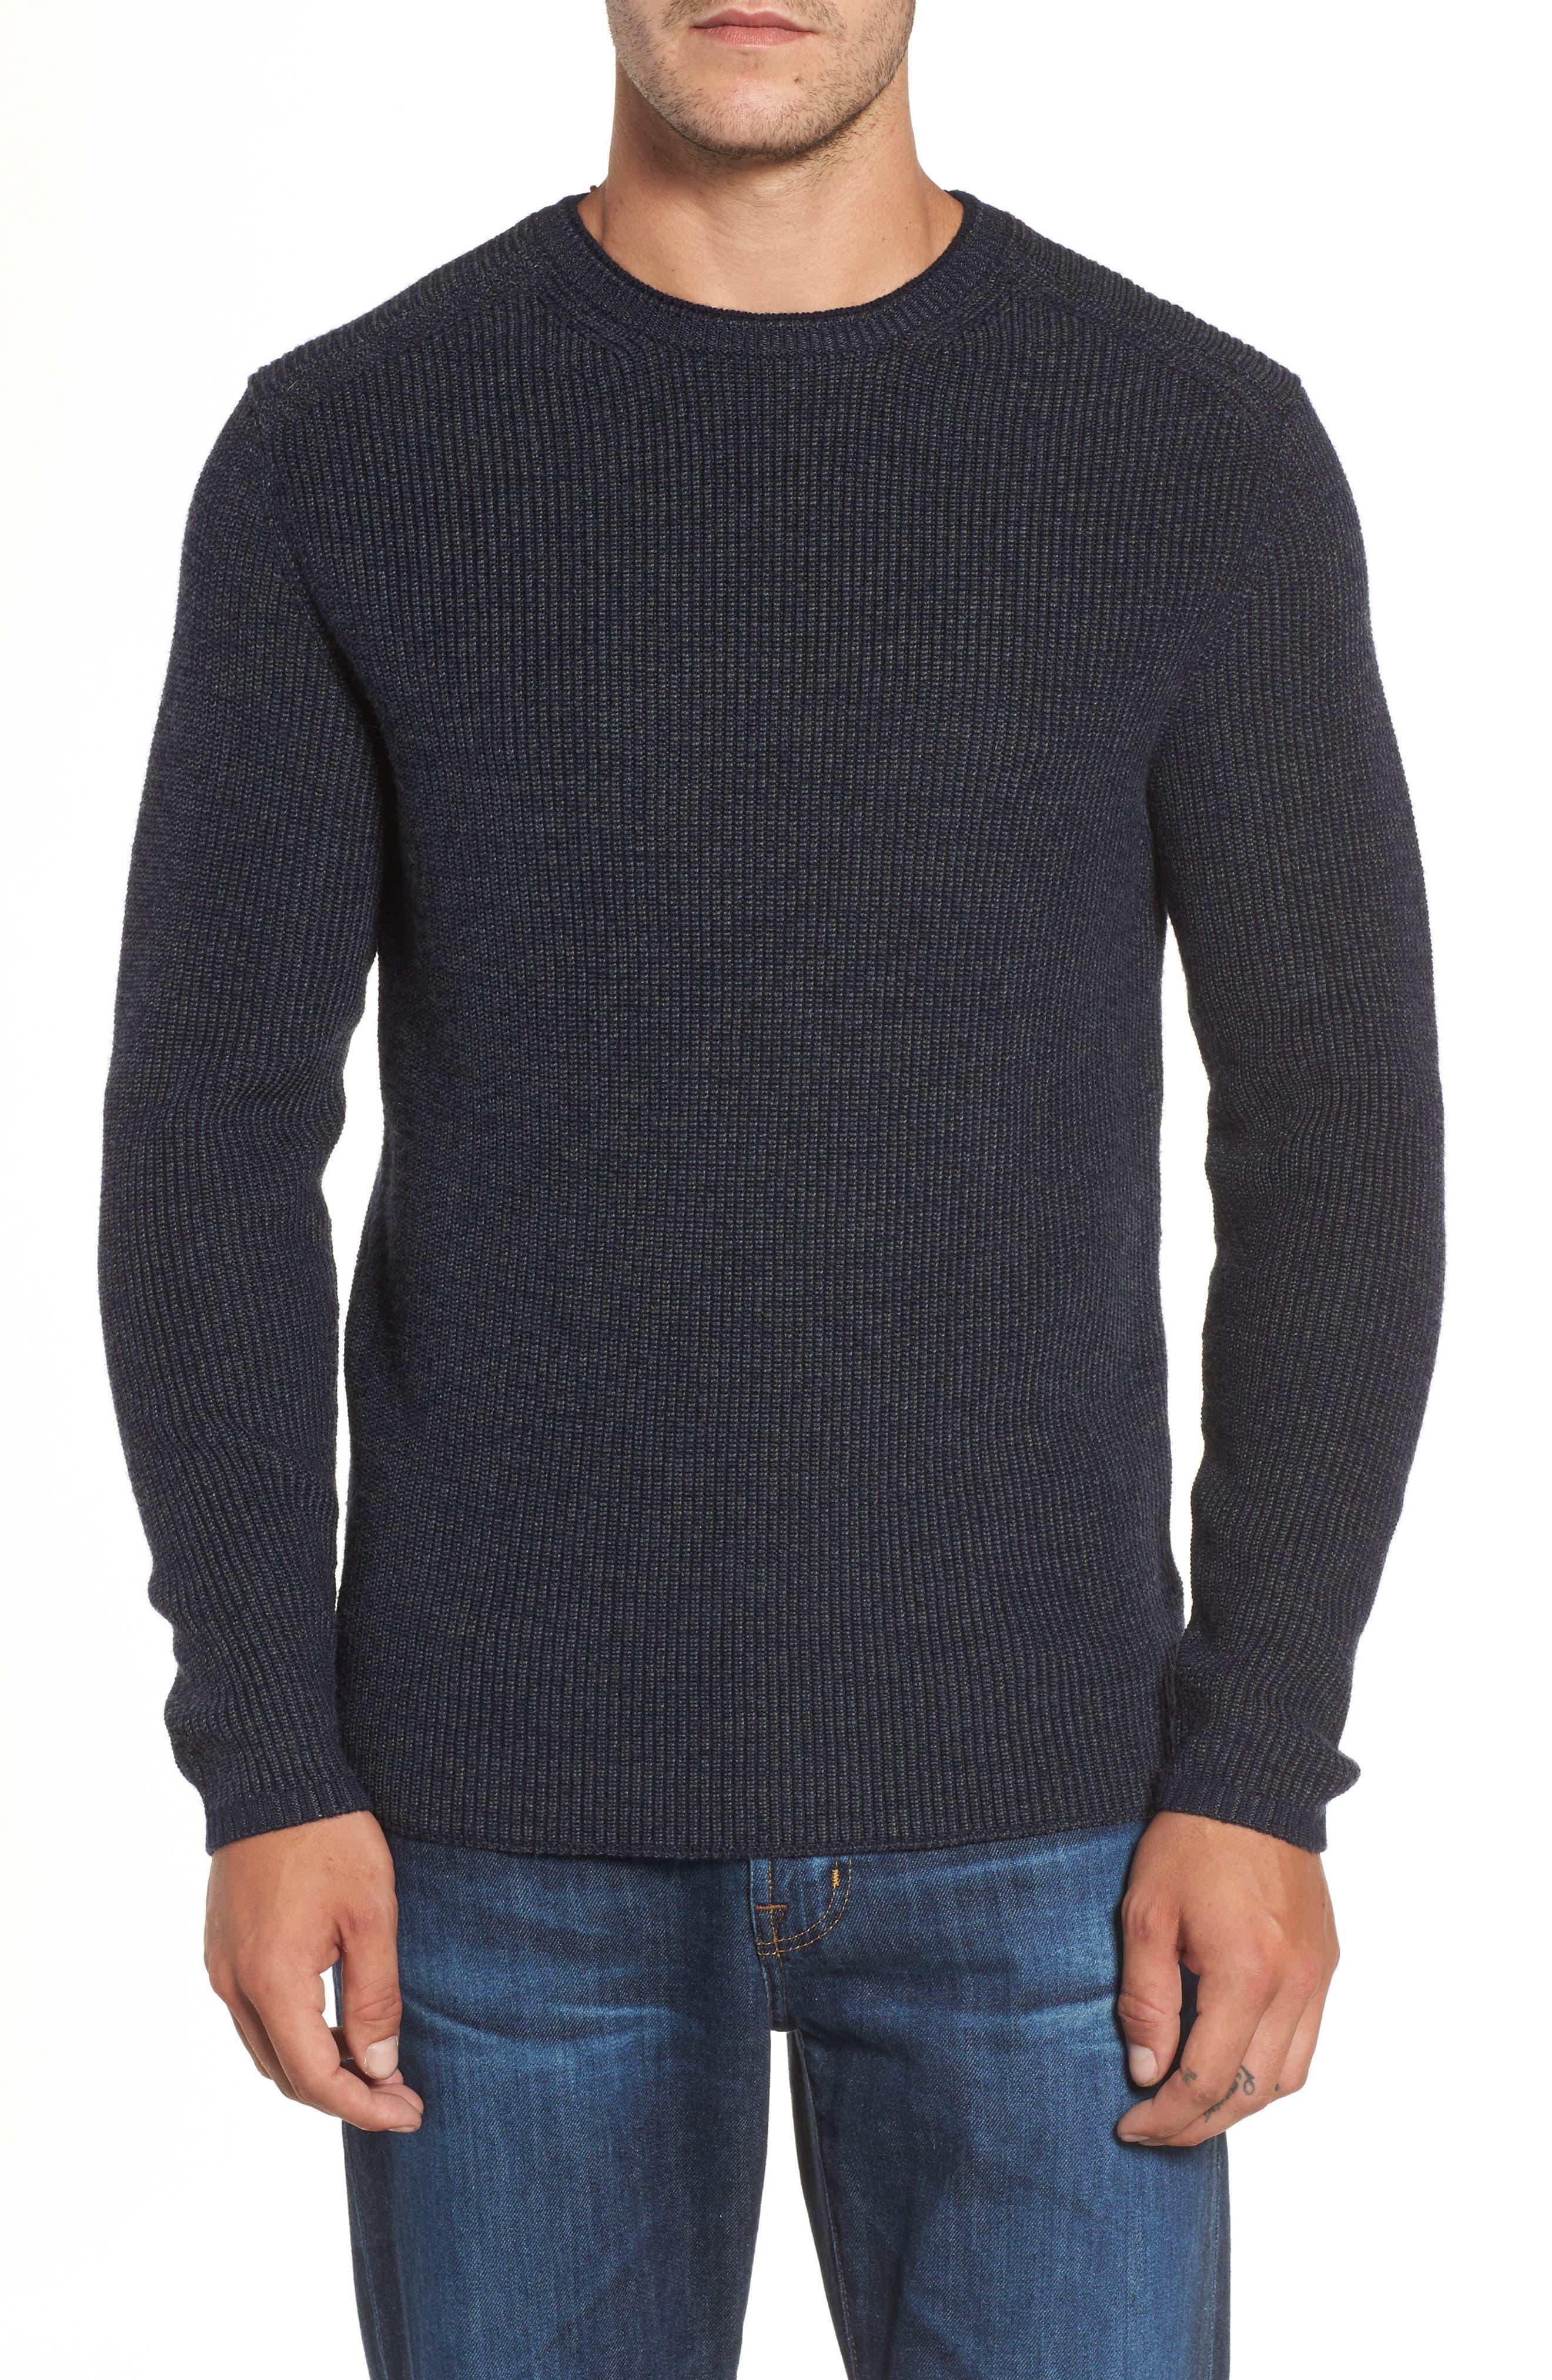 Rodd & Gunn Whalers Bay Ribbed Merino Wool Sweater